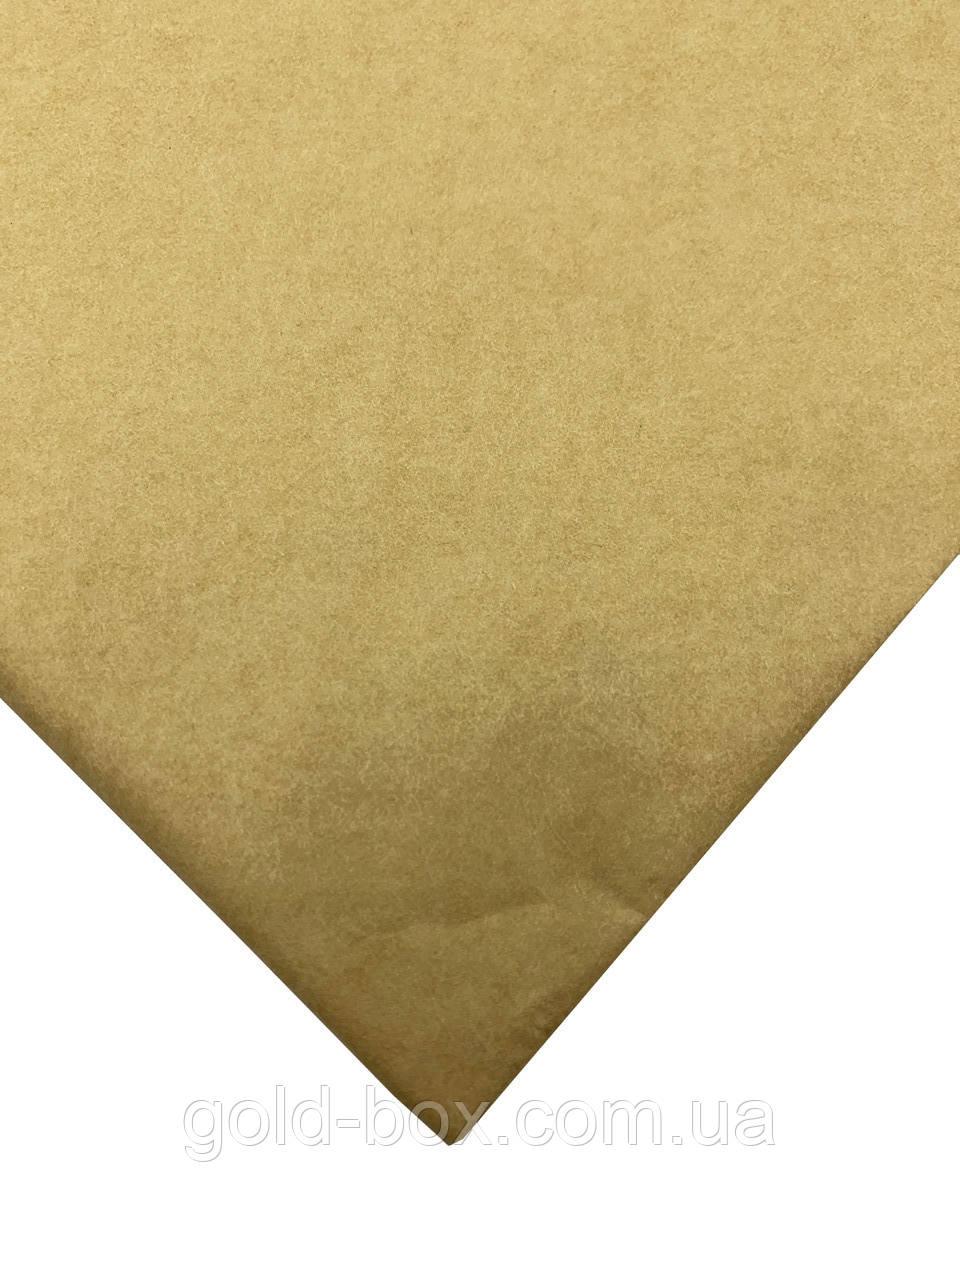 Упаковочная бумага тишью 10 листов крафтовая